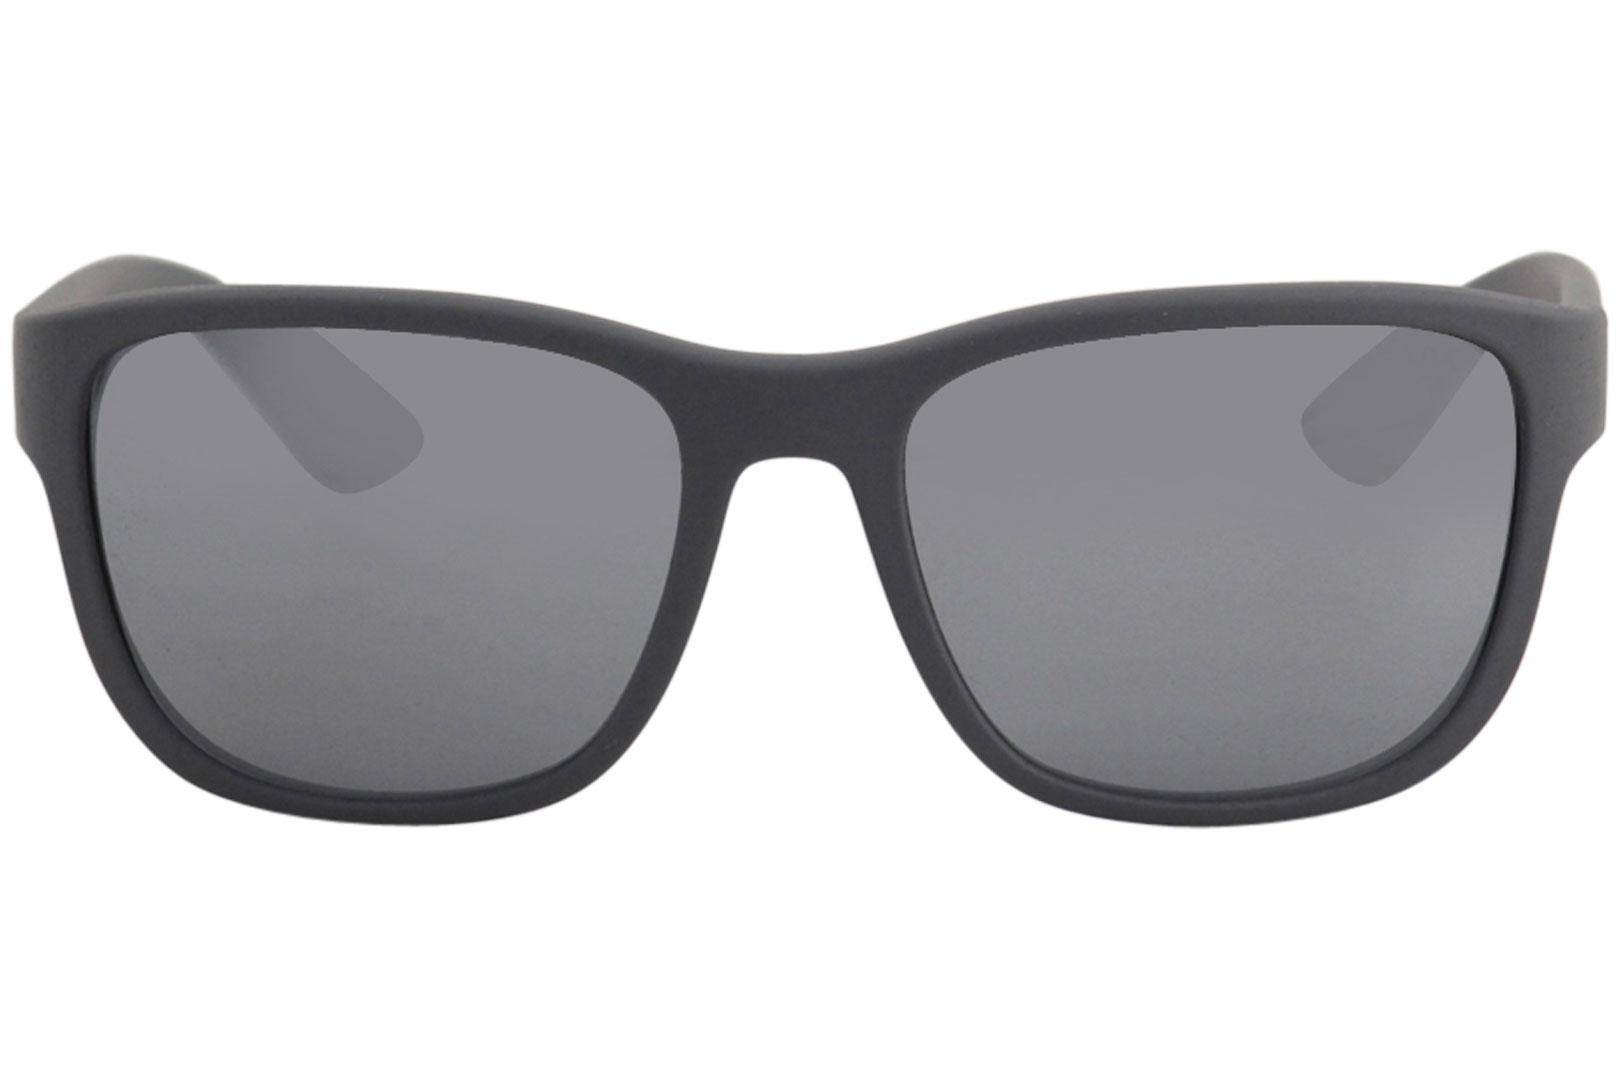 4f7fdbb56e5a Prada Men s Linea Rossa SPS01U SPS 01 U Fashion Square Sunglasses by Prada